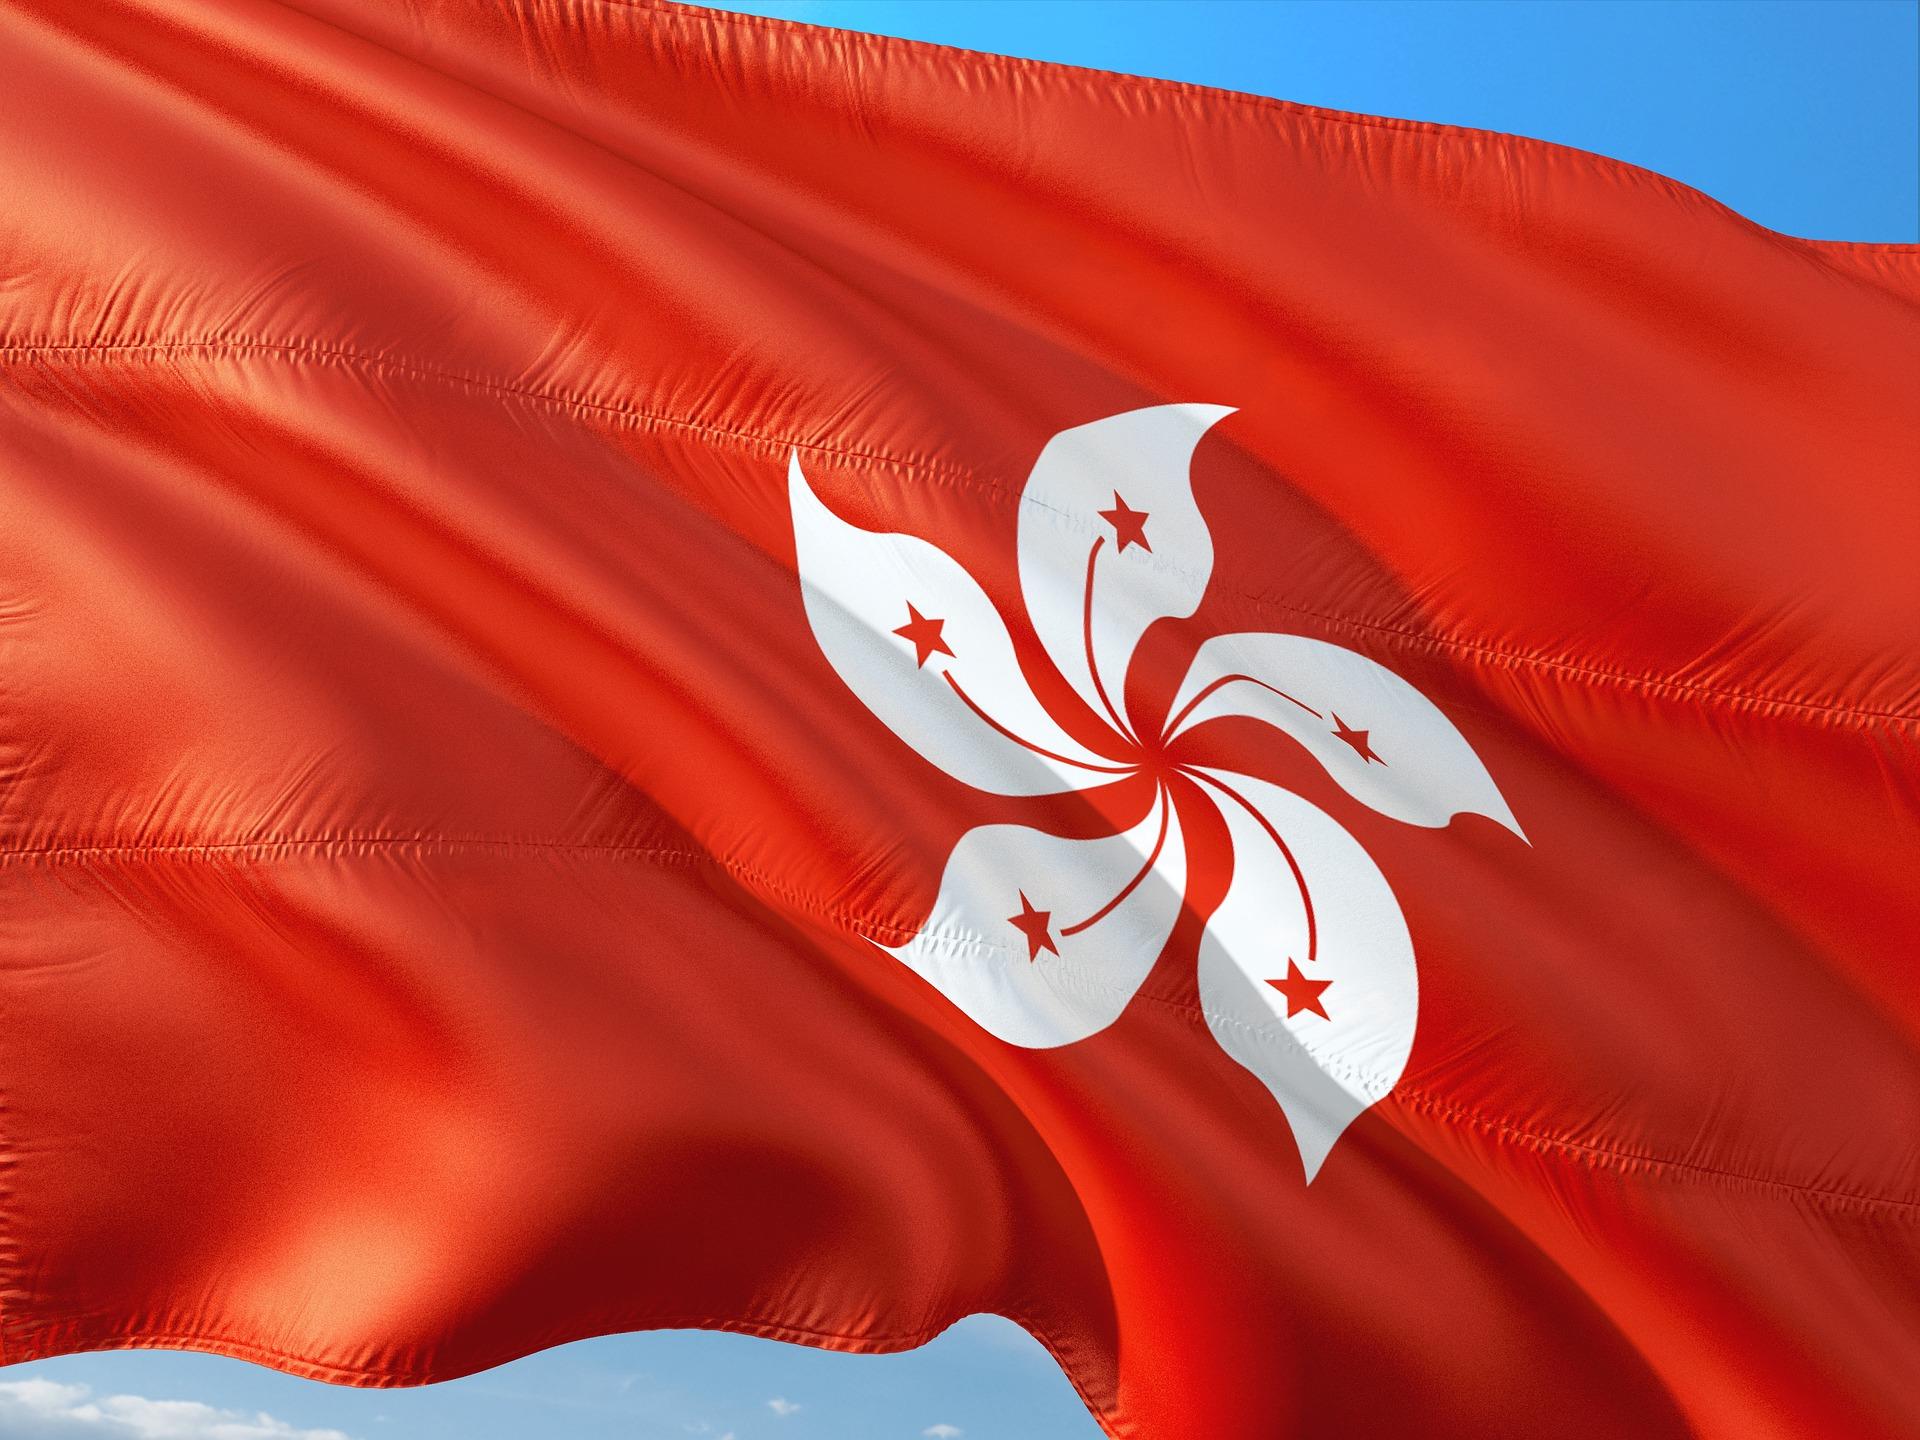 flag-hk - factasia.org